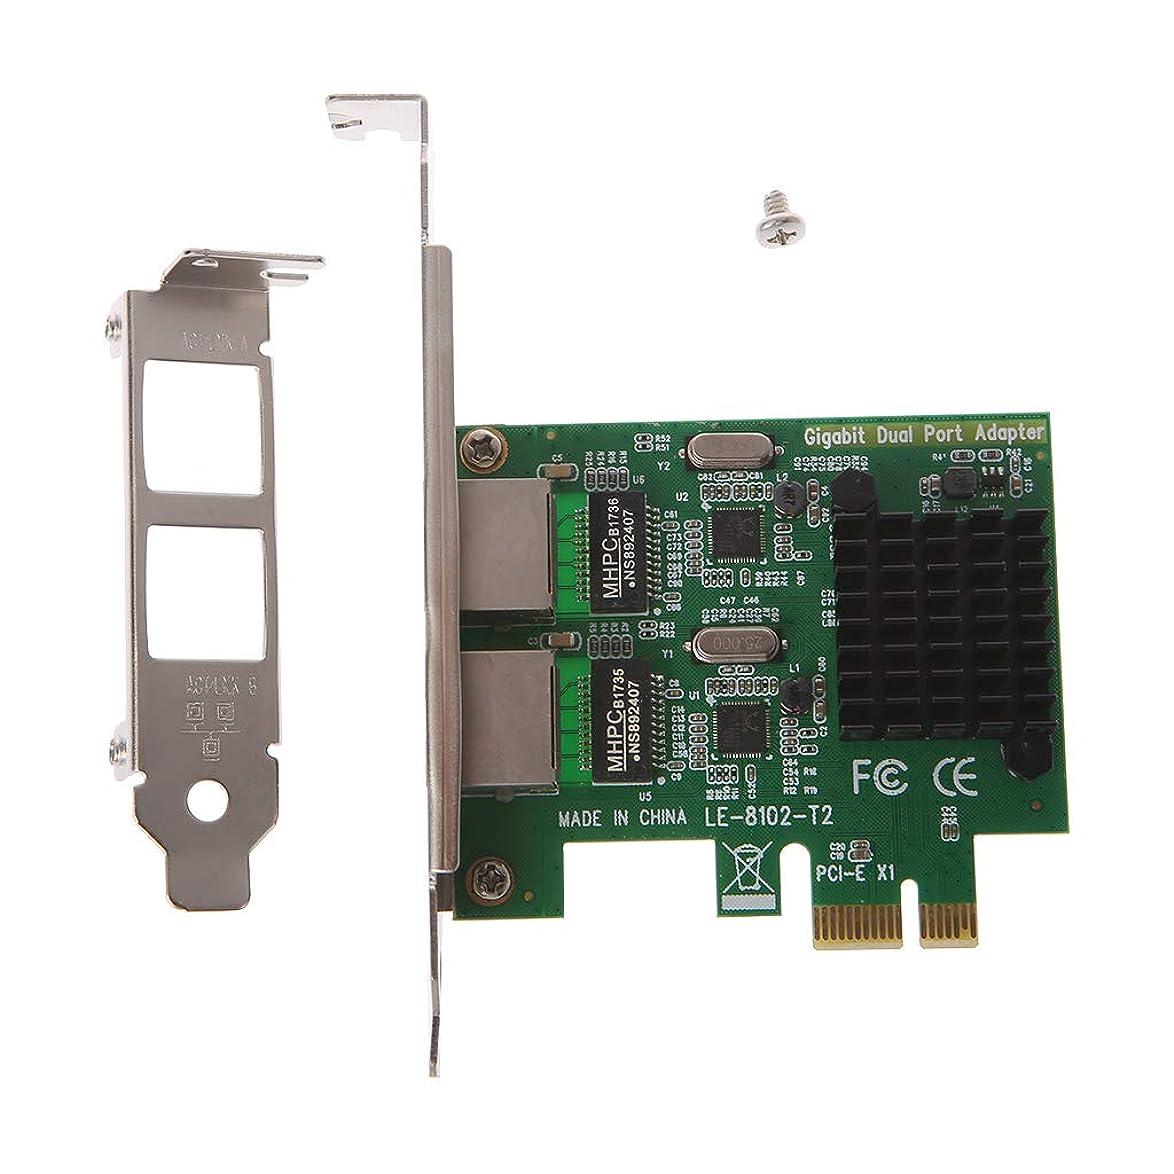 Abnana デュアルポートPCI-E X1ギガビットイーサネットネットワークカード10/100 / 1000Mbpsレートアダプタ